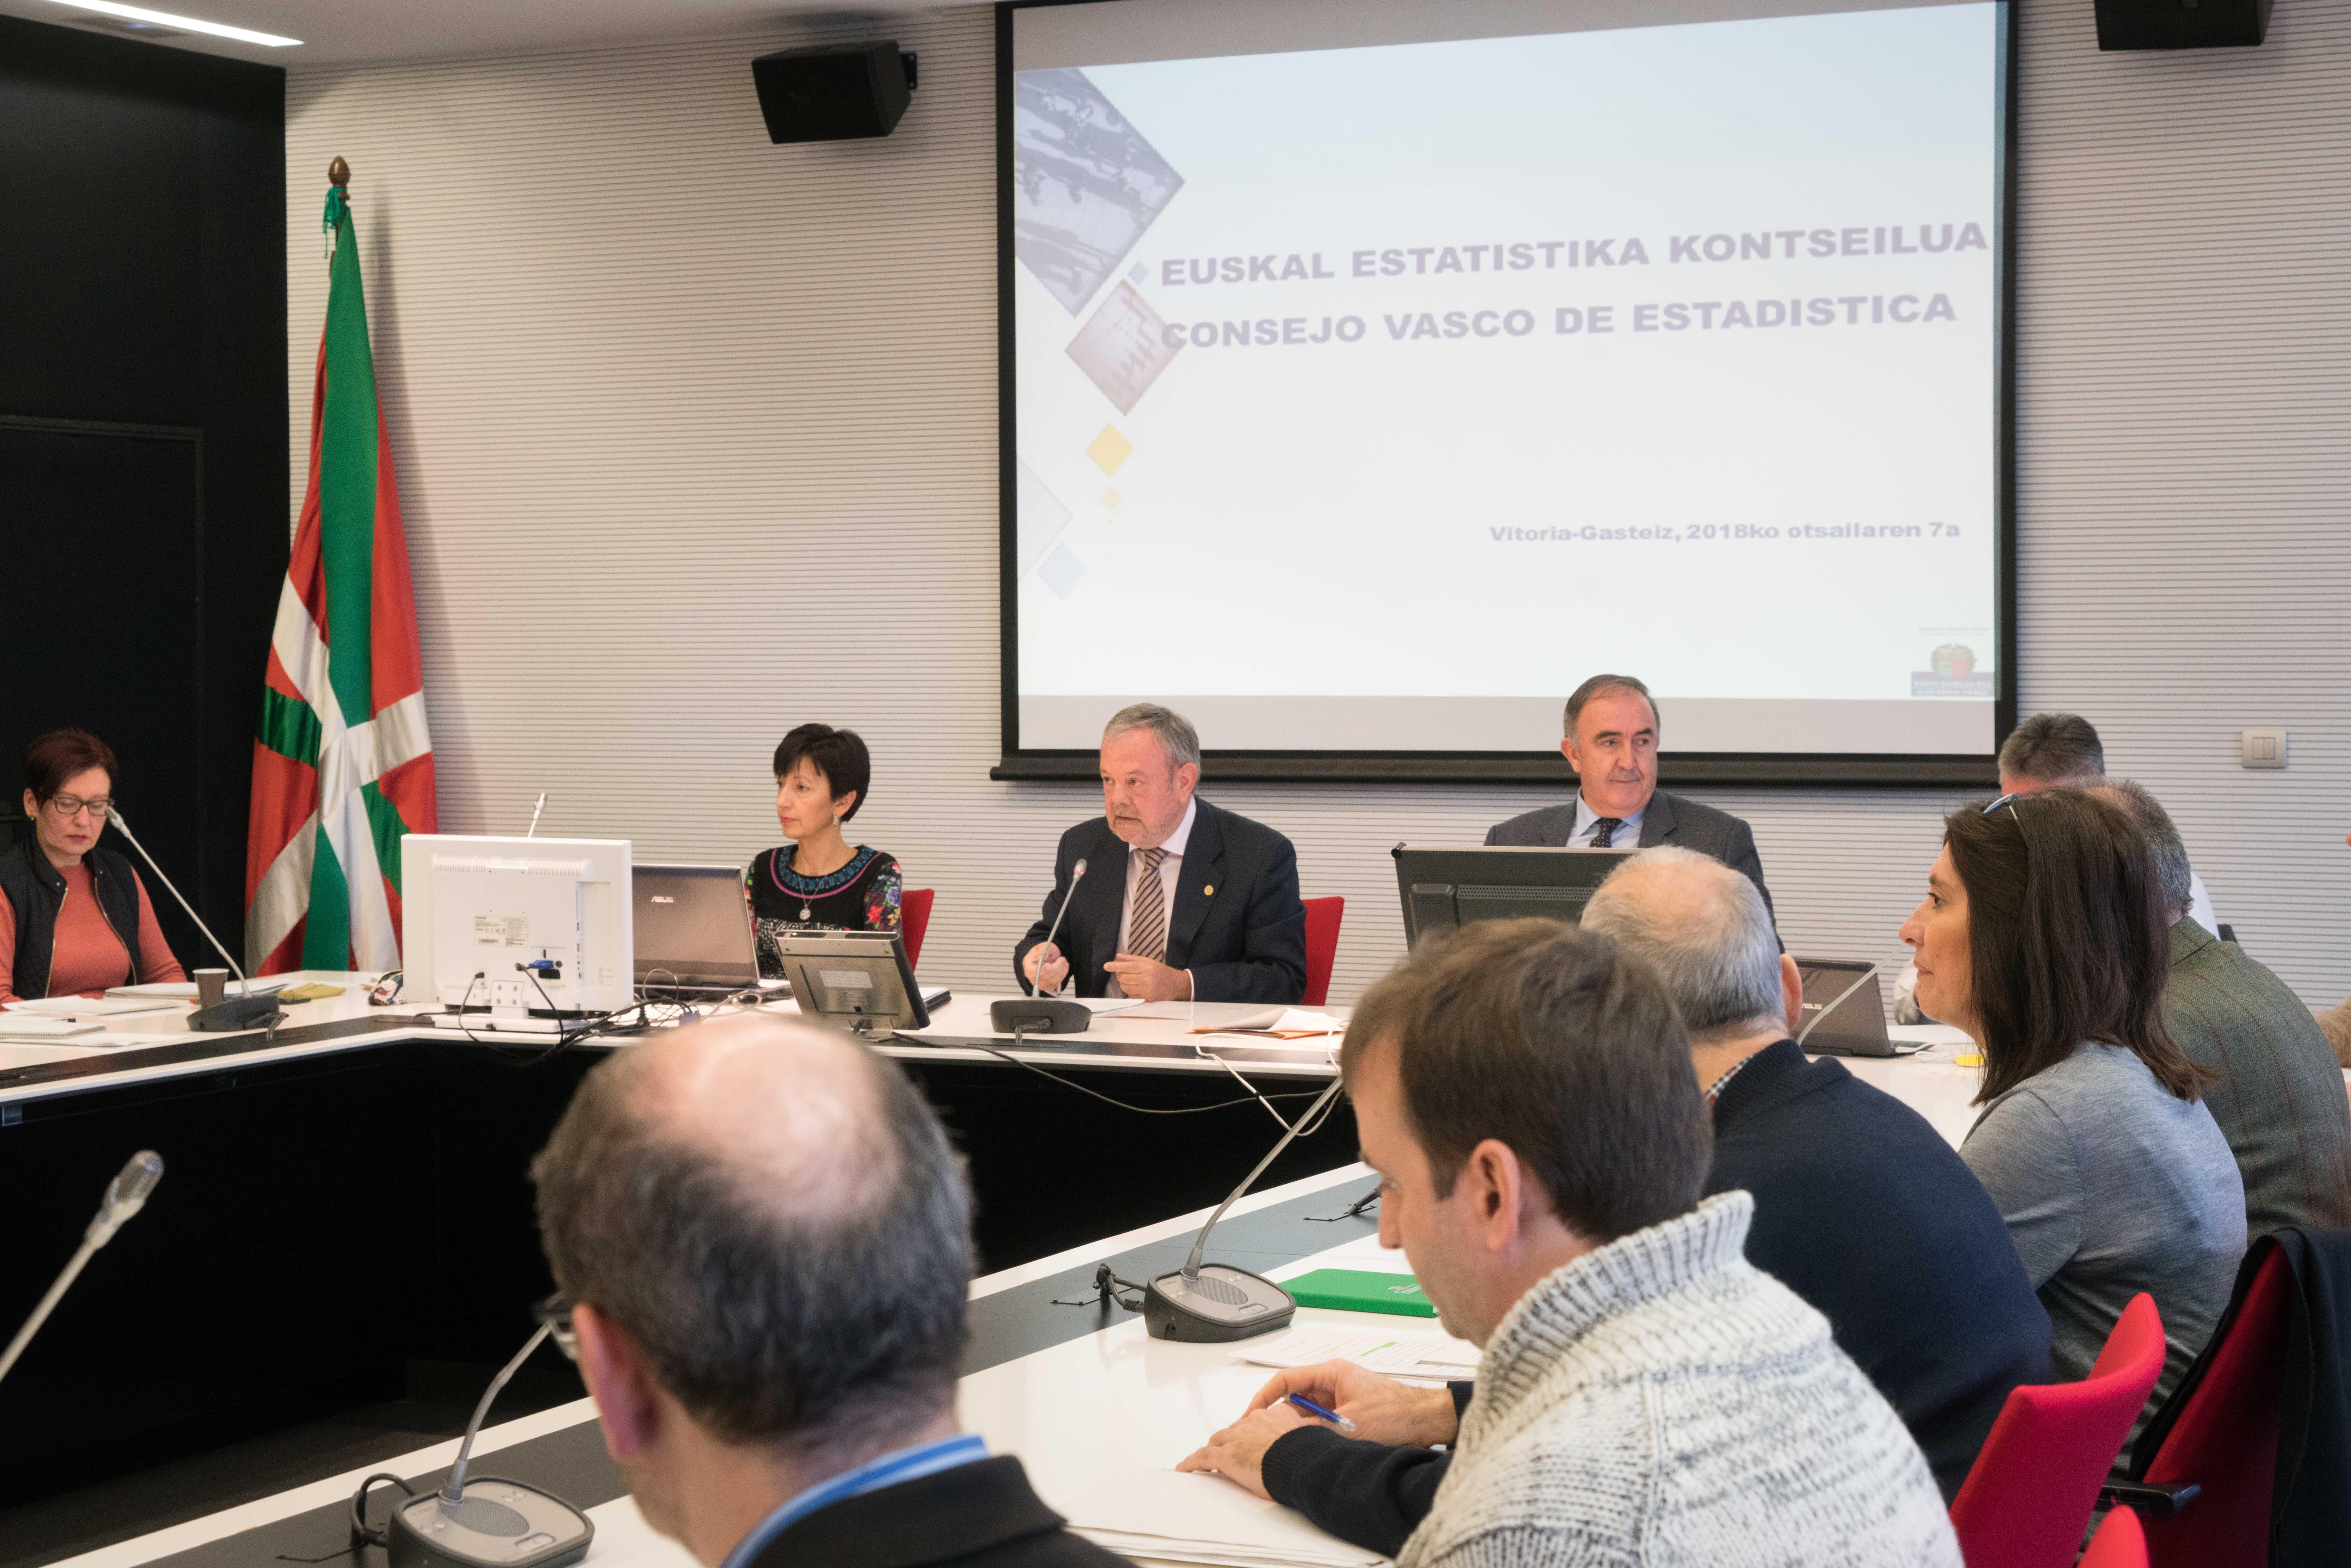 El Consejo Vasco de Estadística aprueba el anteproyecto de ley del Plan Vasco de Estadística 2018-2022